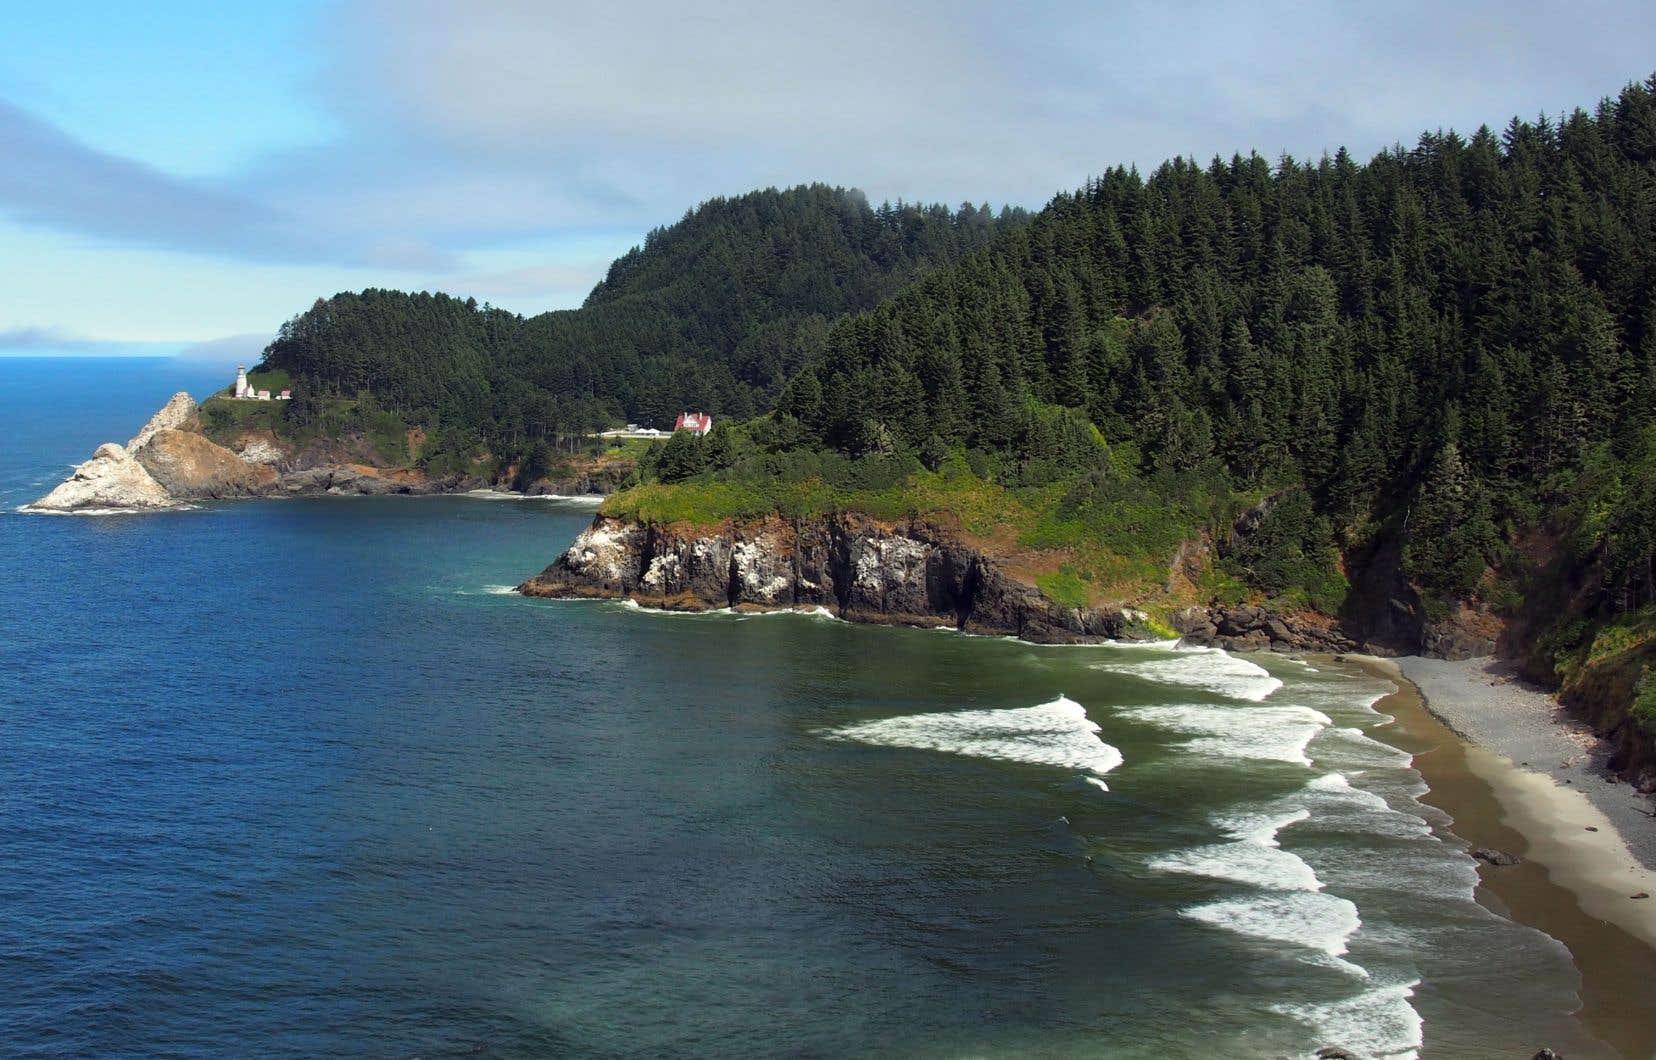 La côte pacifique de l'Oregon propose de fabuleux paysages.